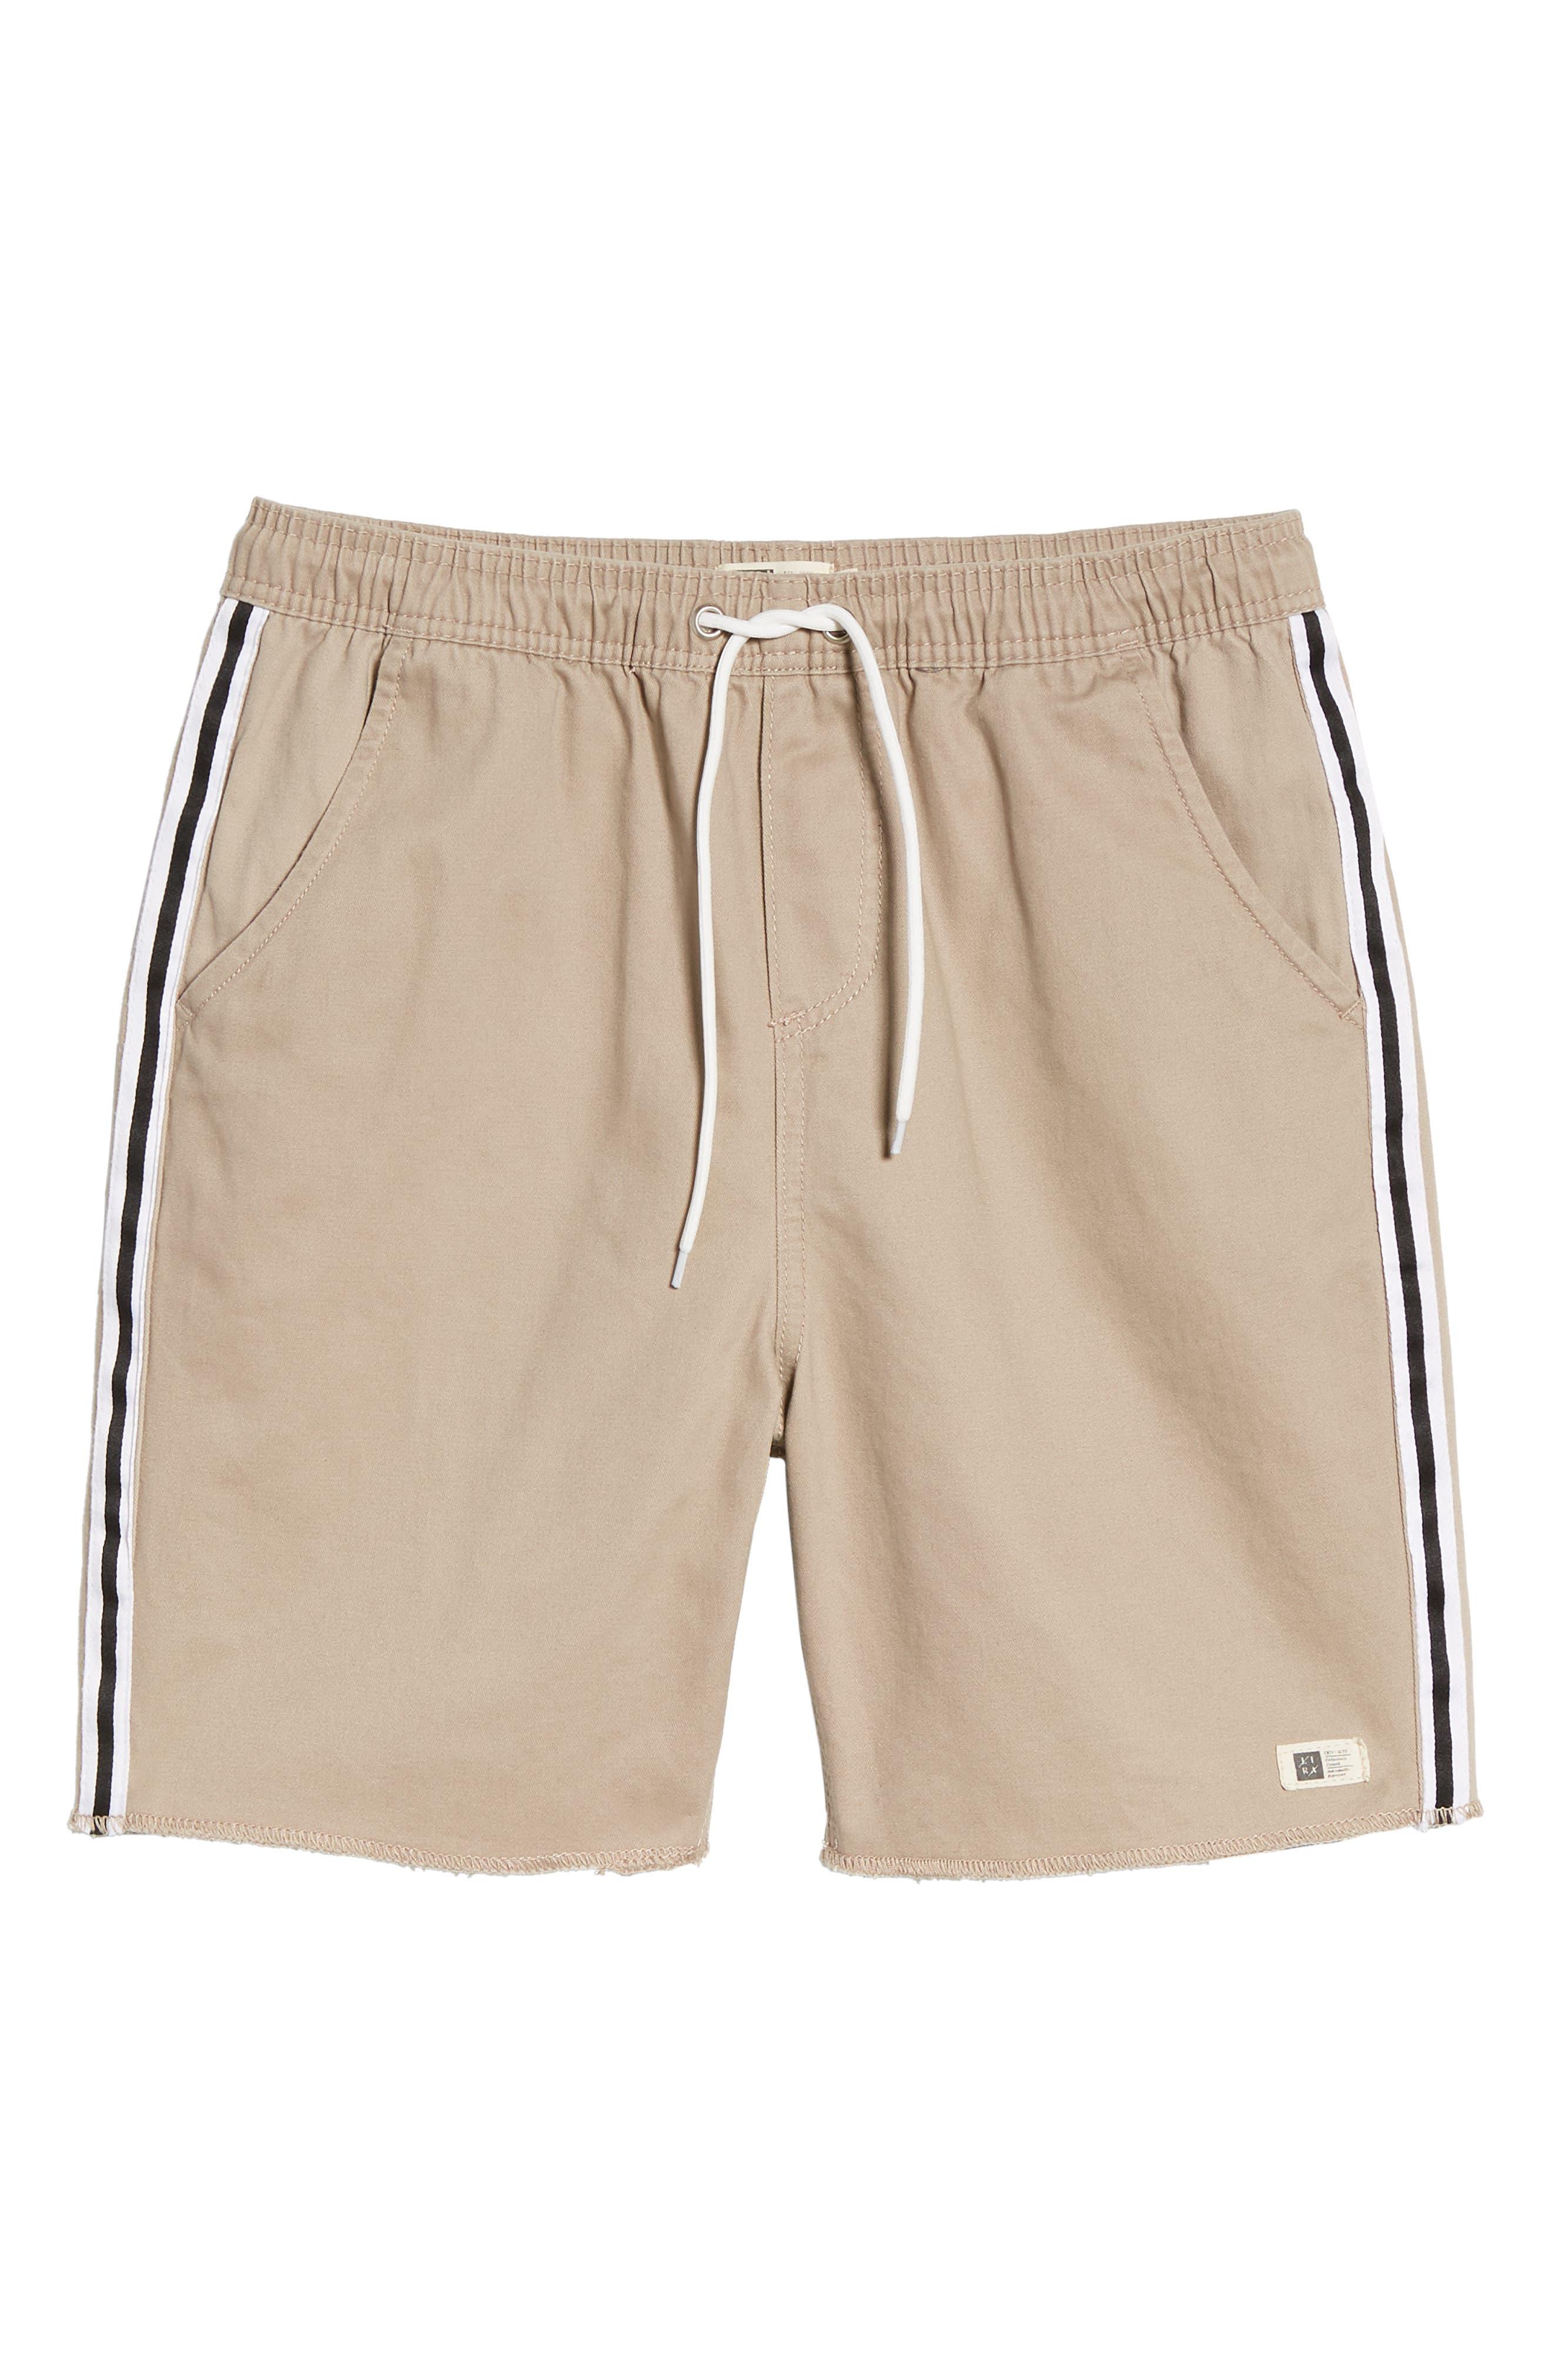 Truth Walk Shorts,                             Alternate thumbnail 6, color,                             Khaki